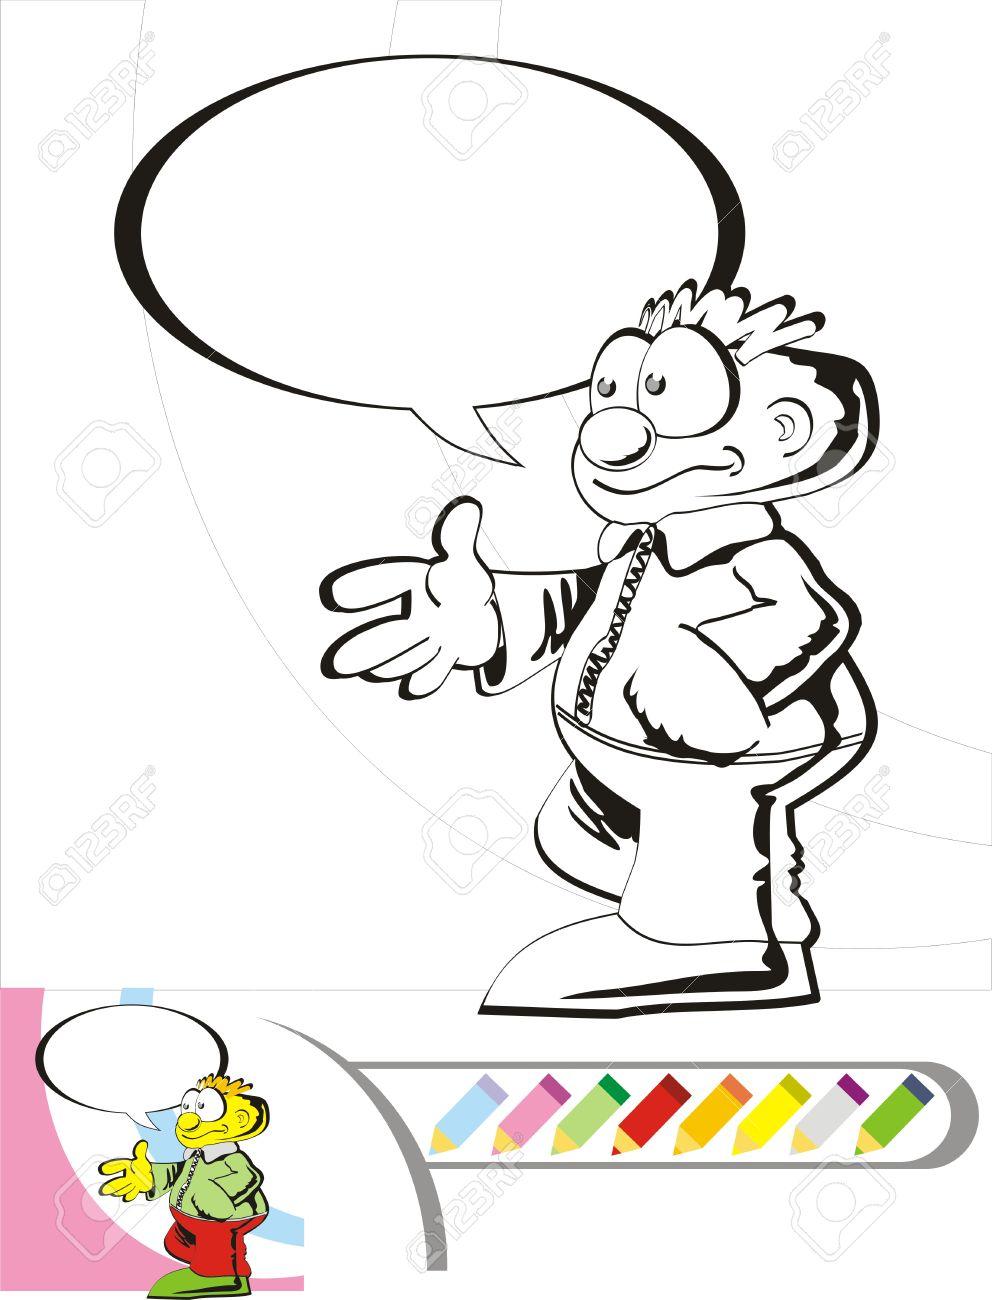 Chico Grande Para Colorear. Finn Mc Missile. Imprimir Dibujo De ...